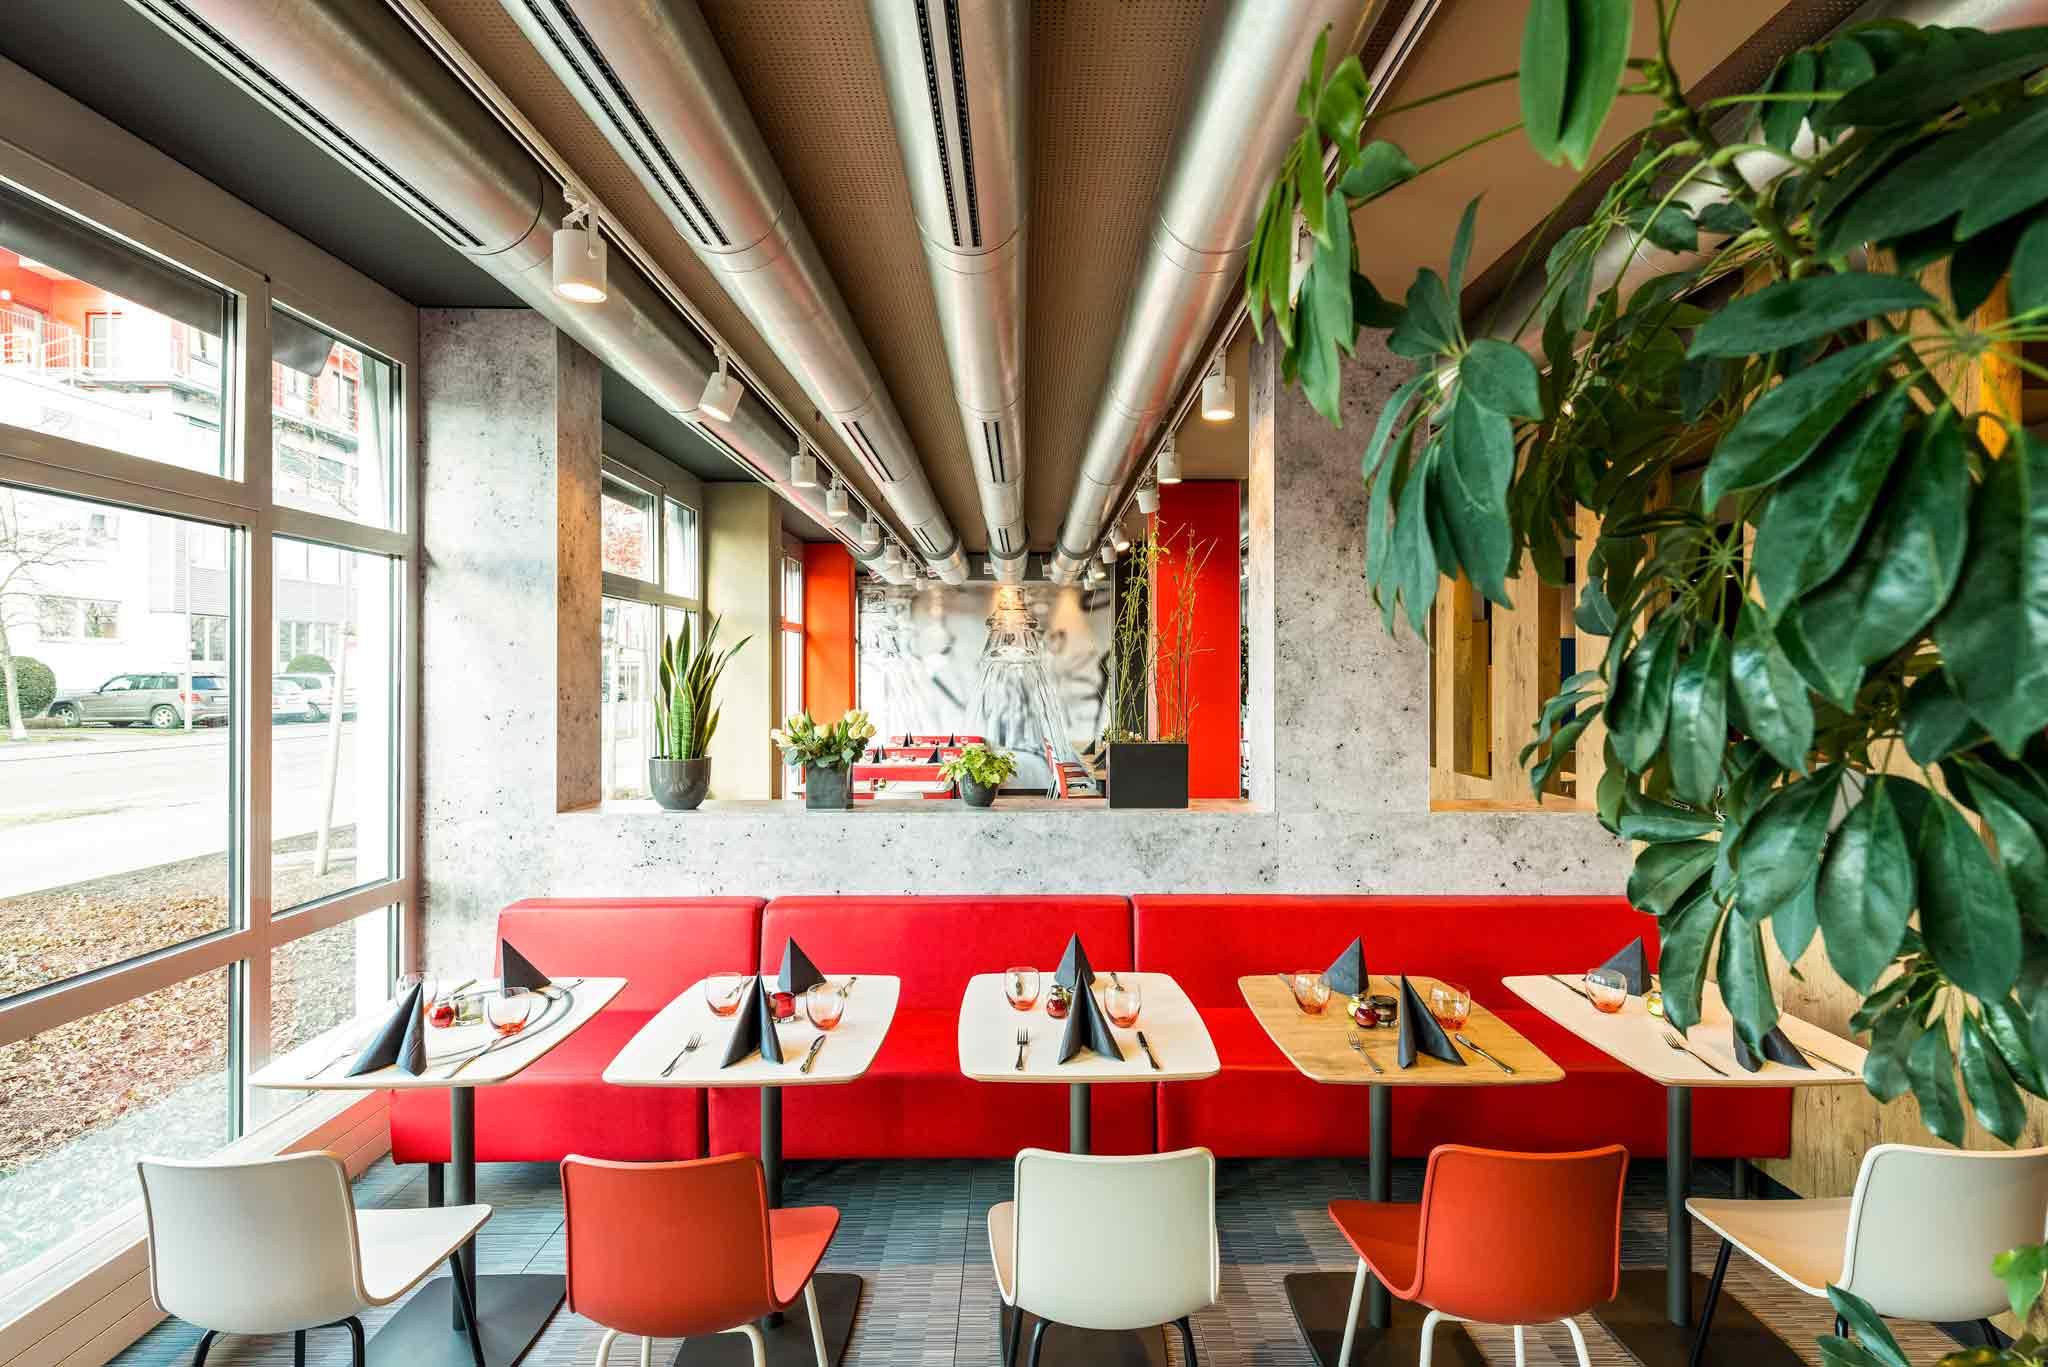 Ibis Hotel München Garching Gastronomie